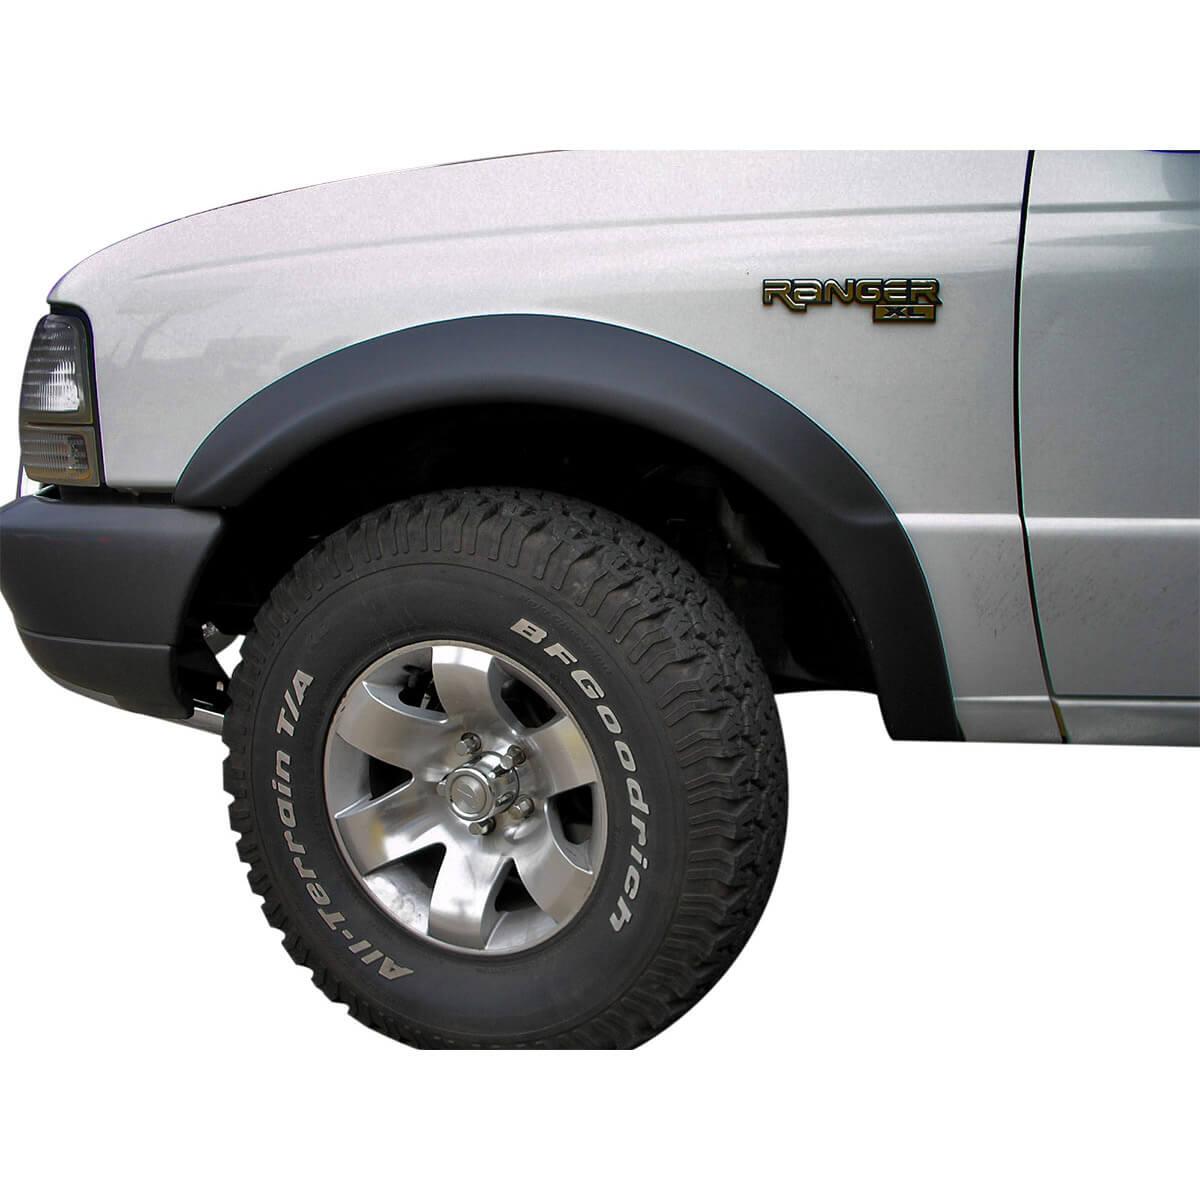 Alargador de paralama modelo estreito Ranger 1994 a 2004